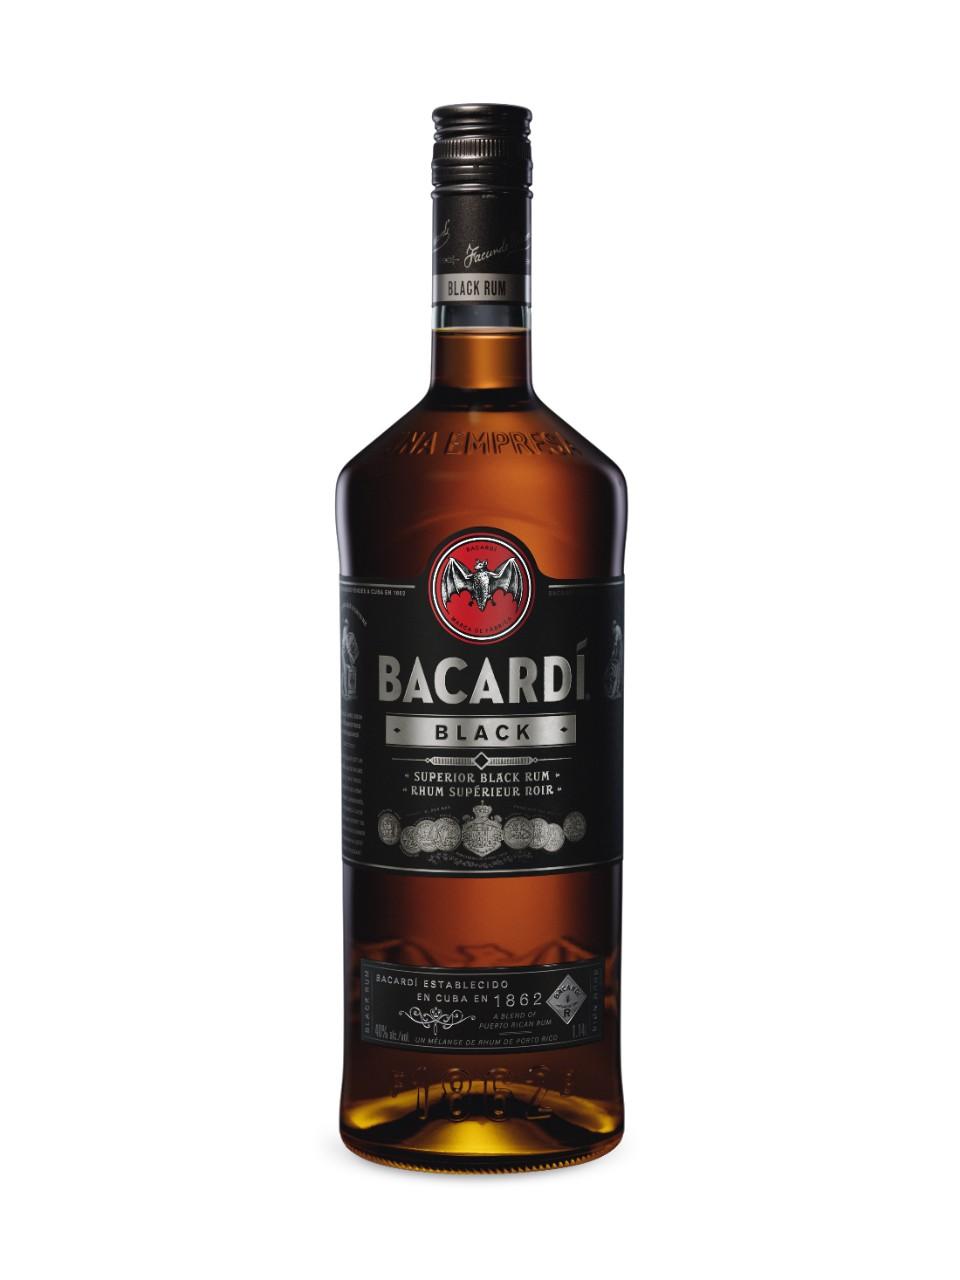 Bacardi black rum price in bangalore dating 10